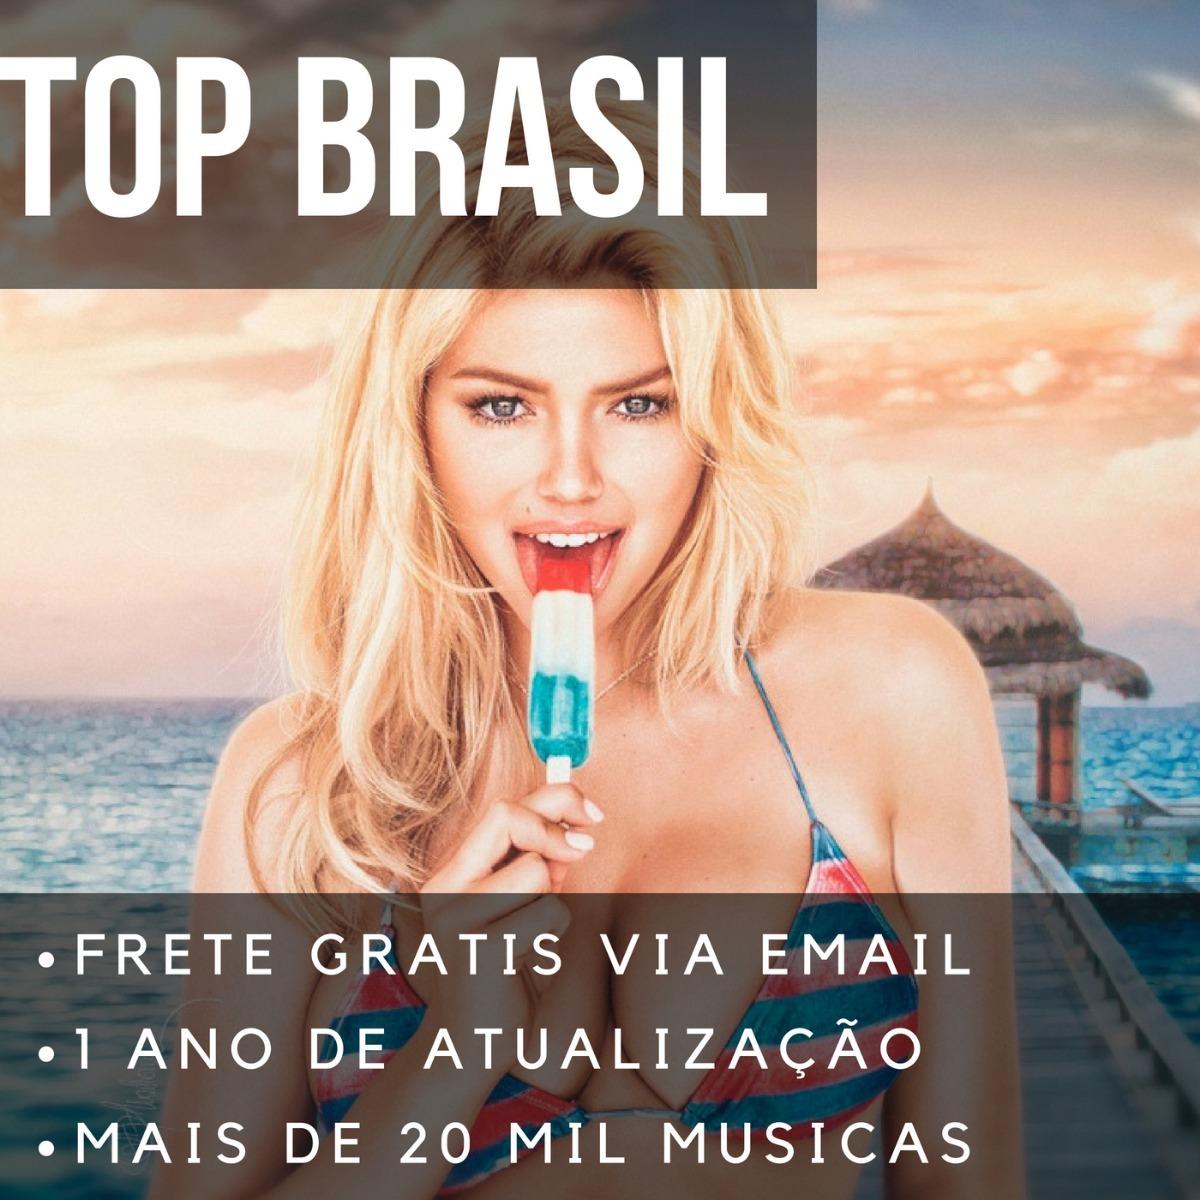 db2eeb89ca9 kit músicas mais tocadas 2018 pack mp3 top brasil. Carregando zoom.